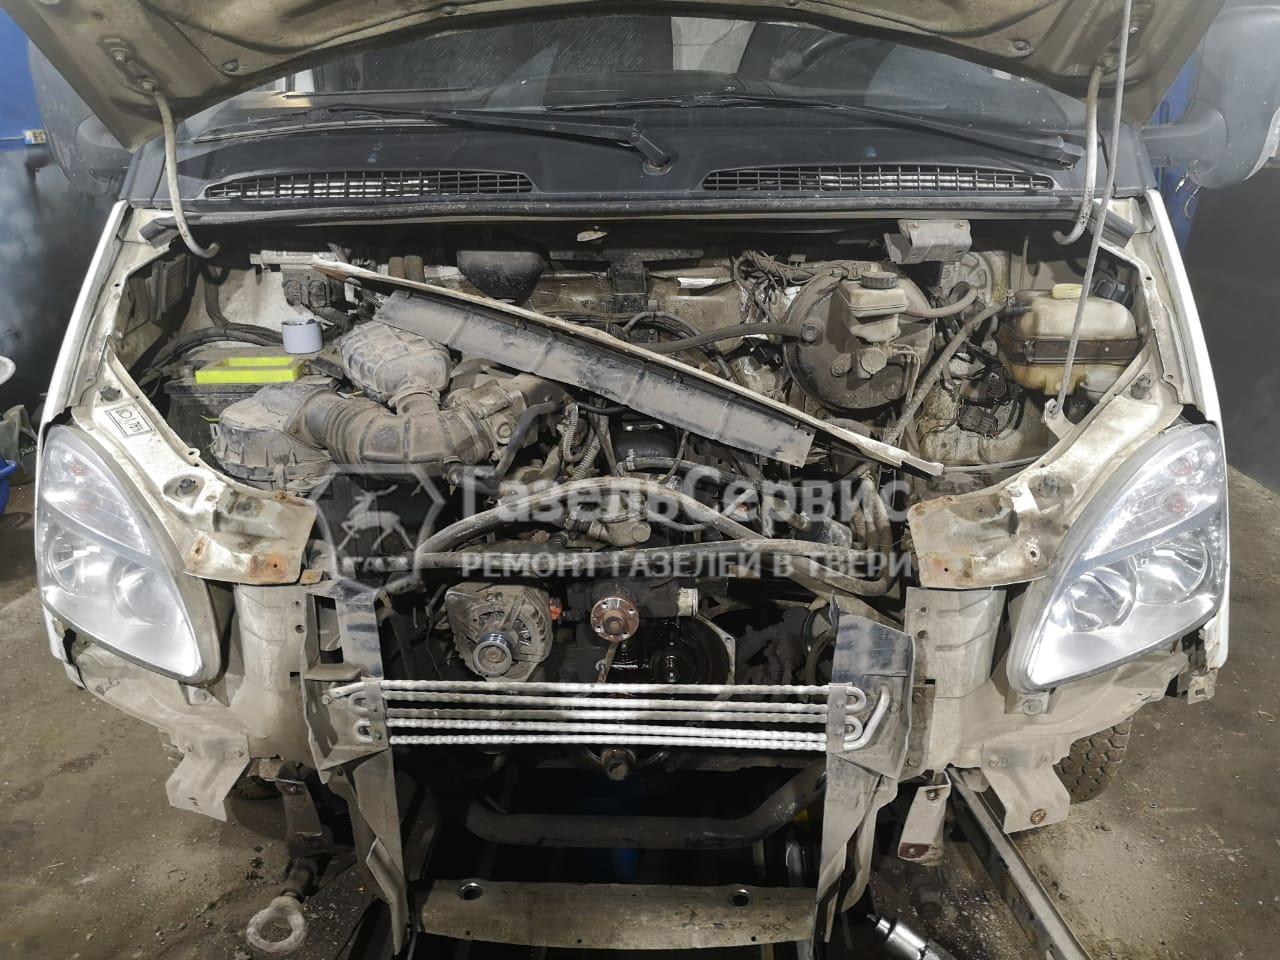 Ремонт Газели с двигателем УМЗ 4216. Снятие шестерни привода распределительного вала с УМЗ 4216 и произведена замена на новую.